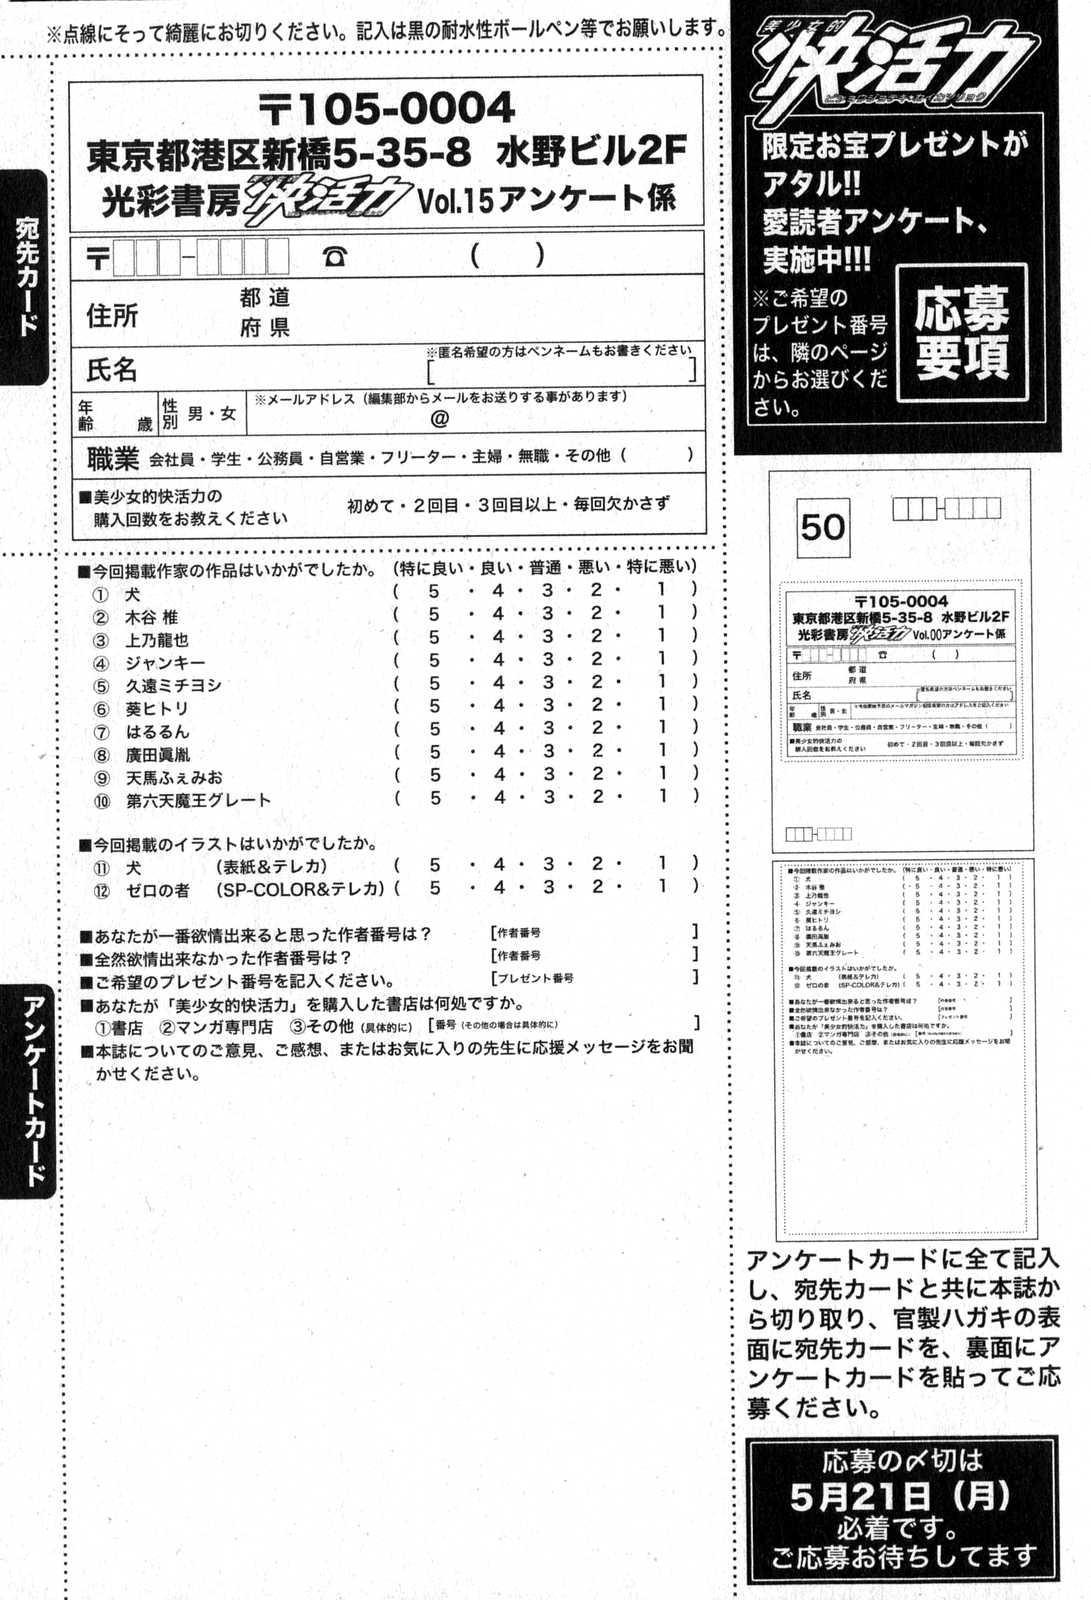 Bishoujo Teki Kaikatsu Ryoku 2007 Vol.15 196